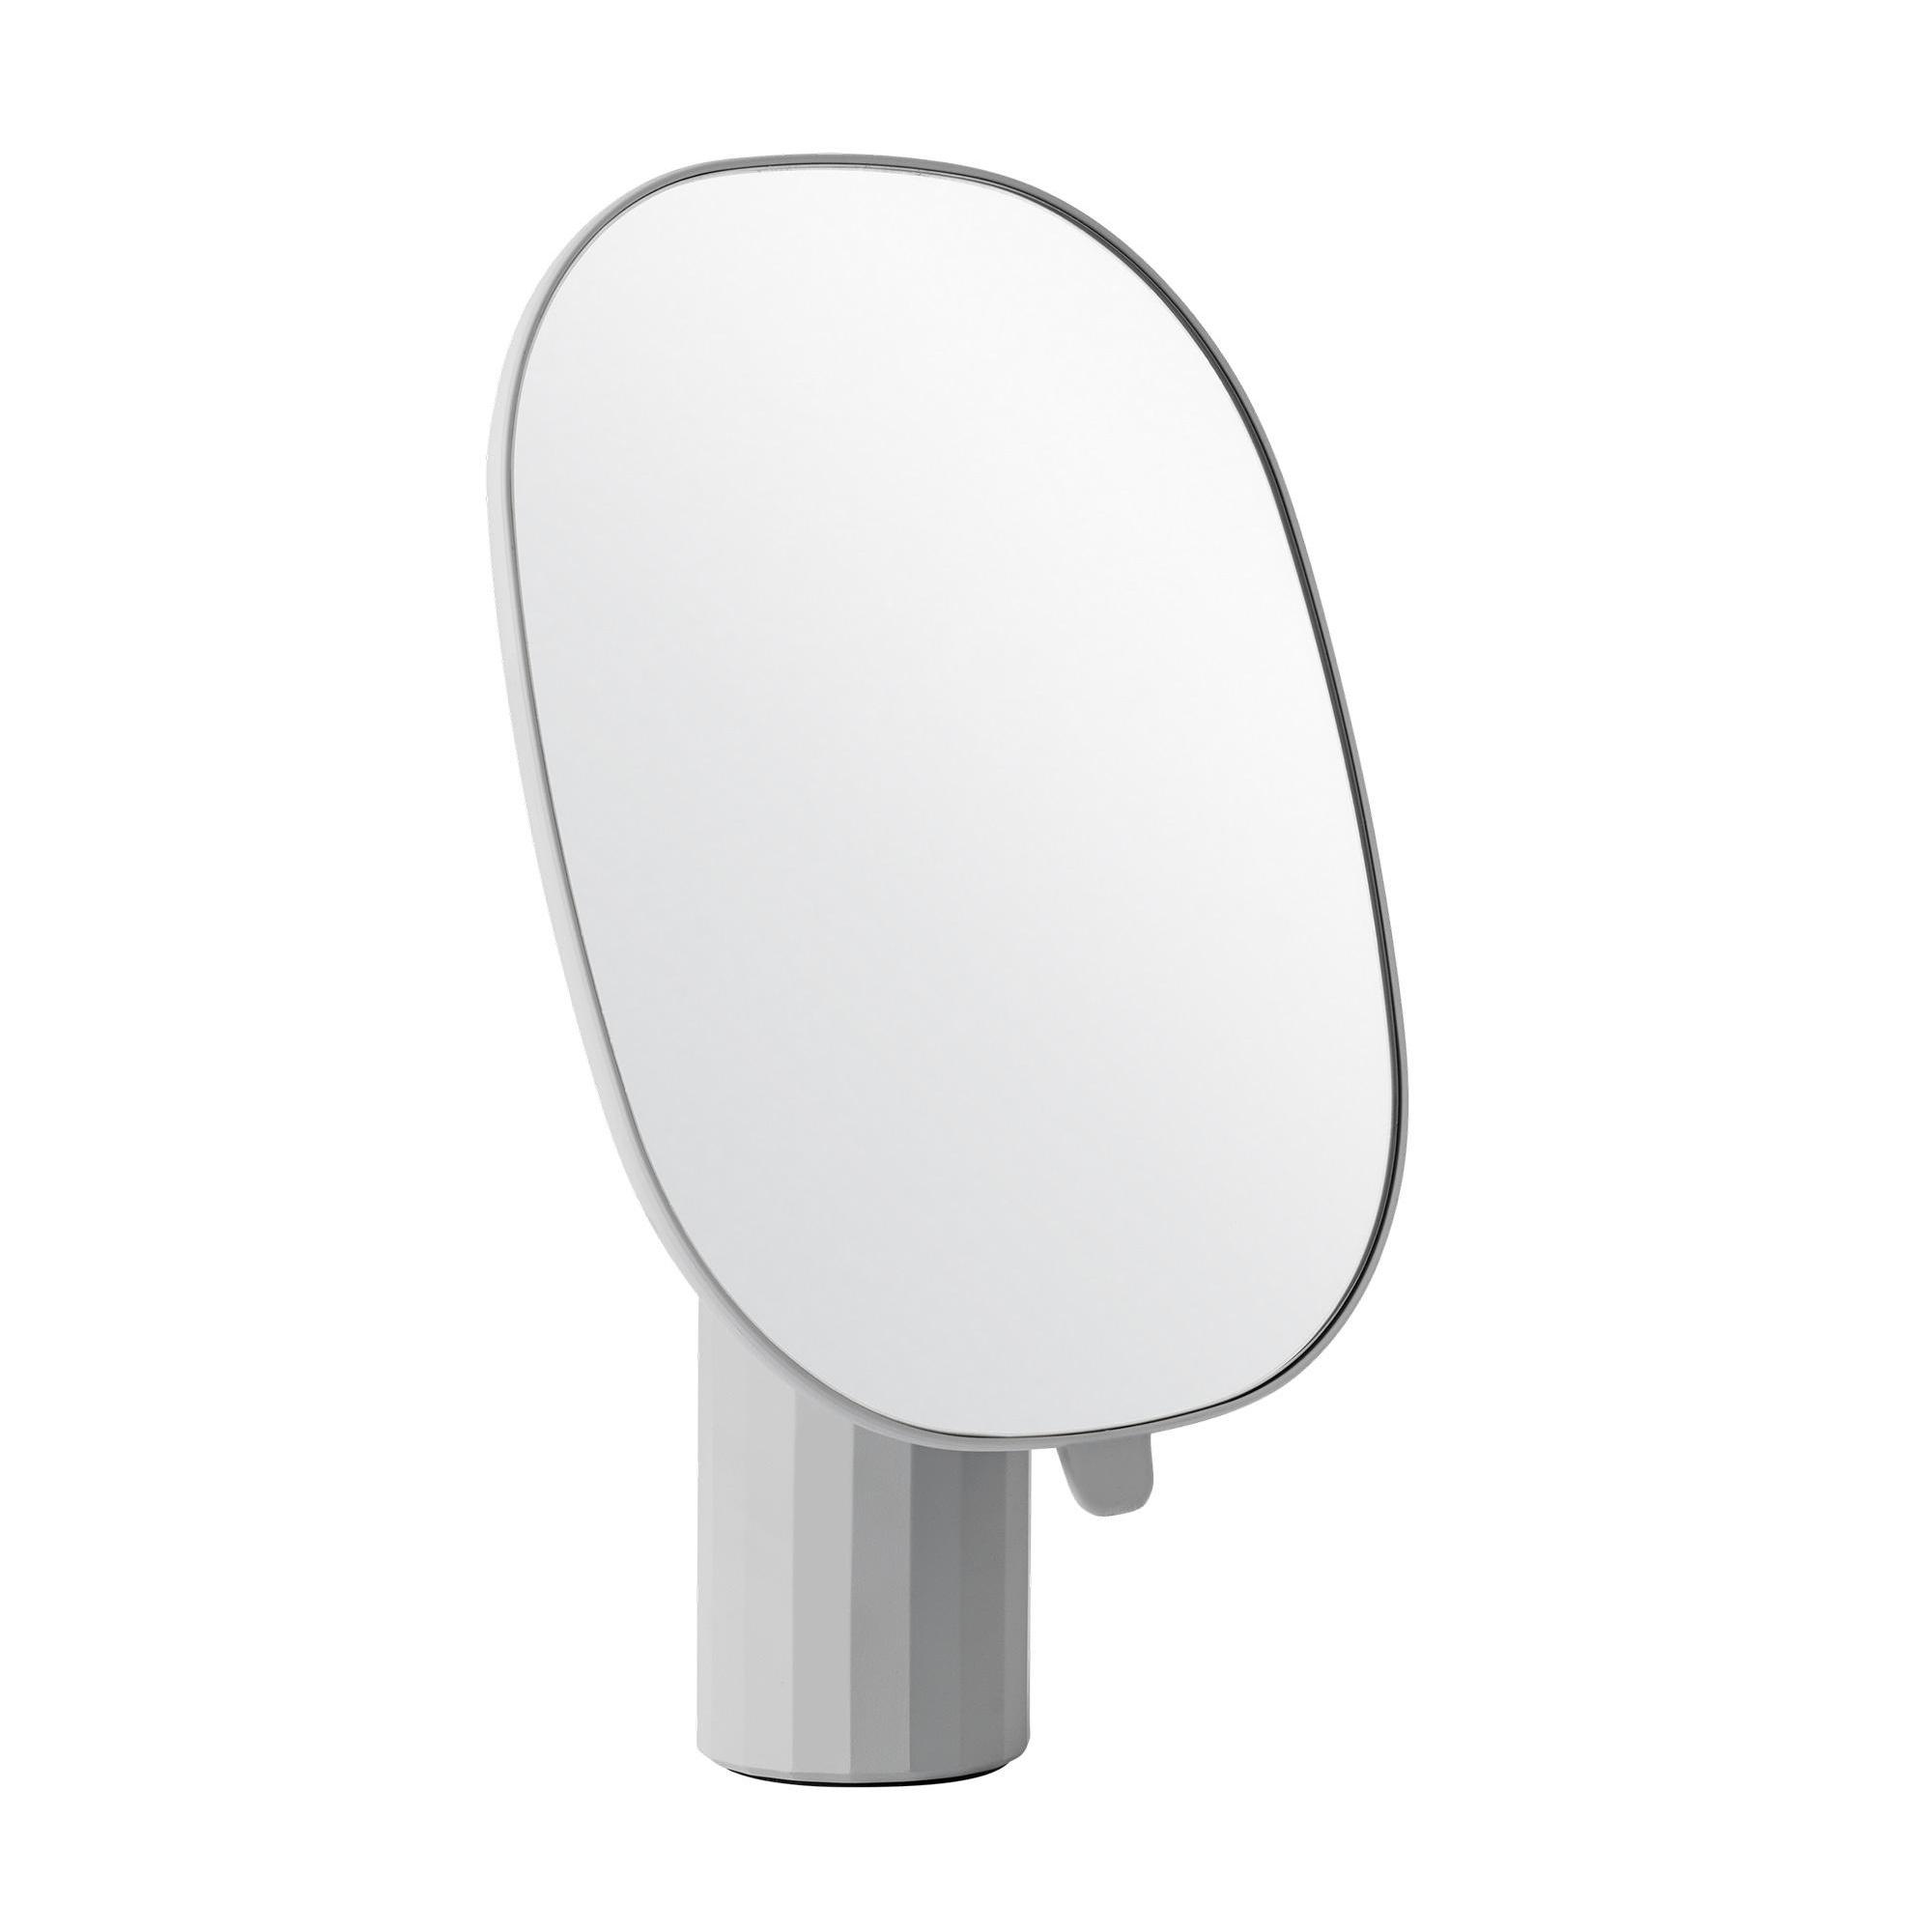 Muuto - Mimic Tischspiegel - grau/BxH 25x35cm | Flur & Diele > Spiegel > Standspiegel | Grau | Harz| abs | Muuto